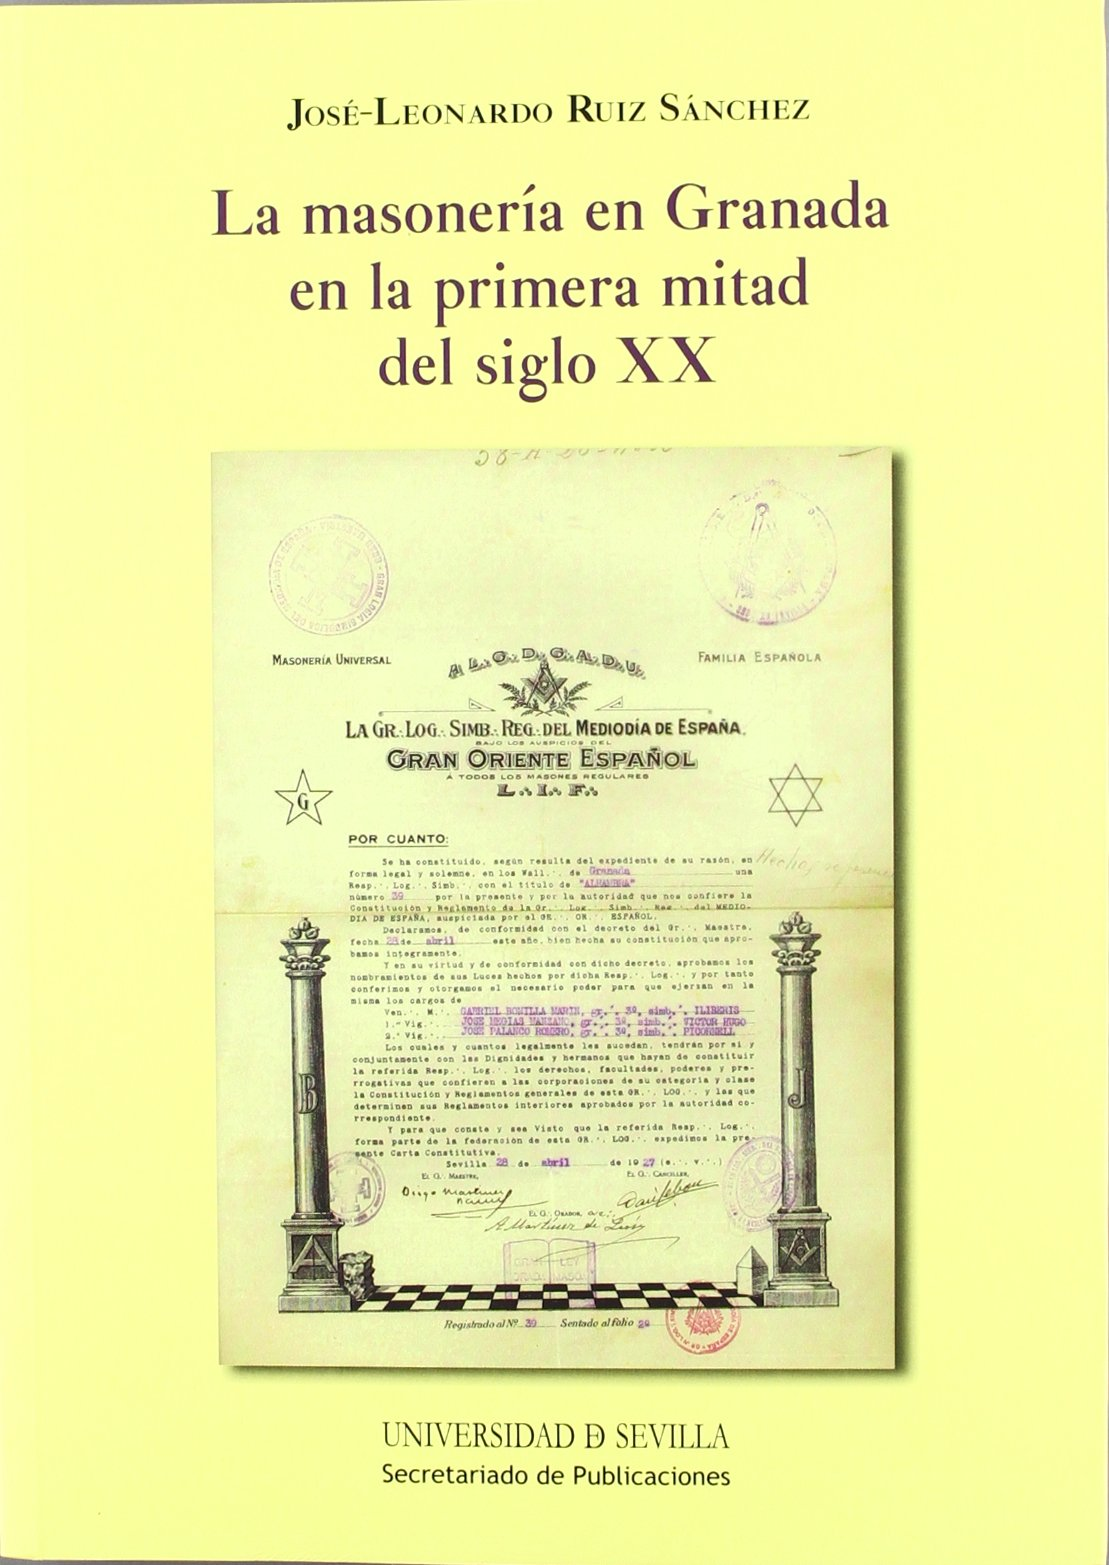 La masonería en Granada en la primera mitad del siglo XX: 225 Historia y Geografía: Amazon.es: Ruiz Sánchez, José-Leonardo: Libros